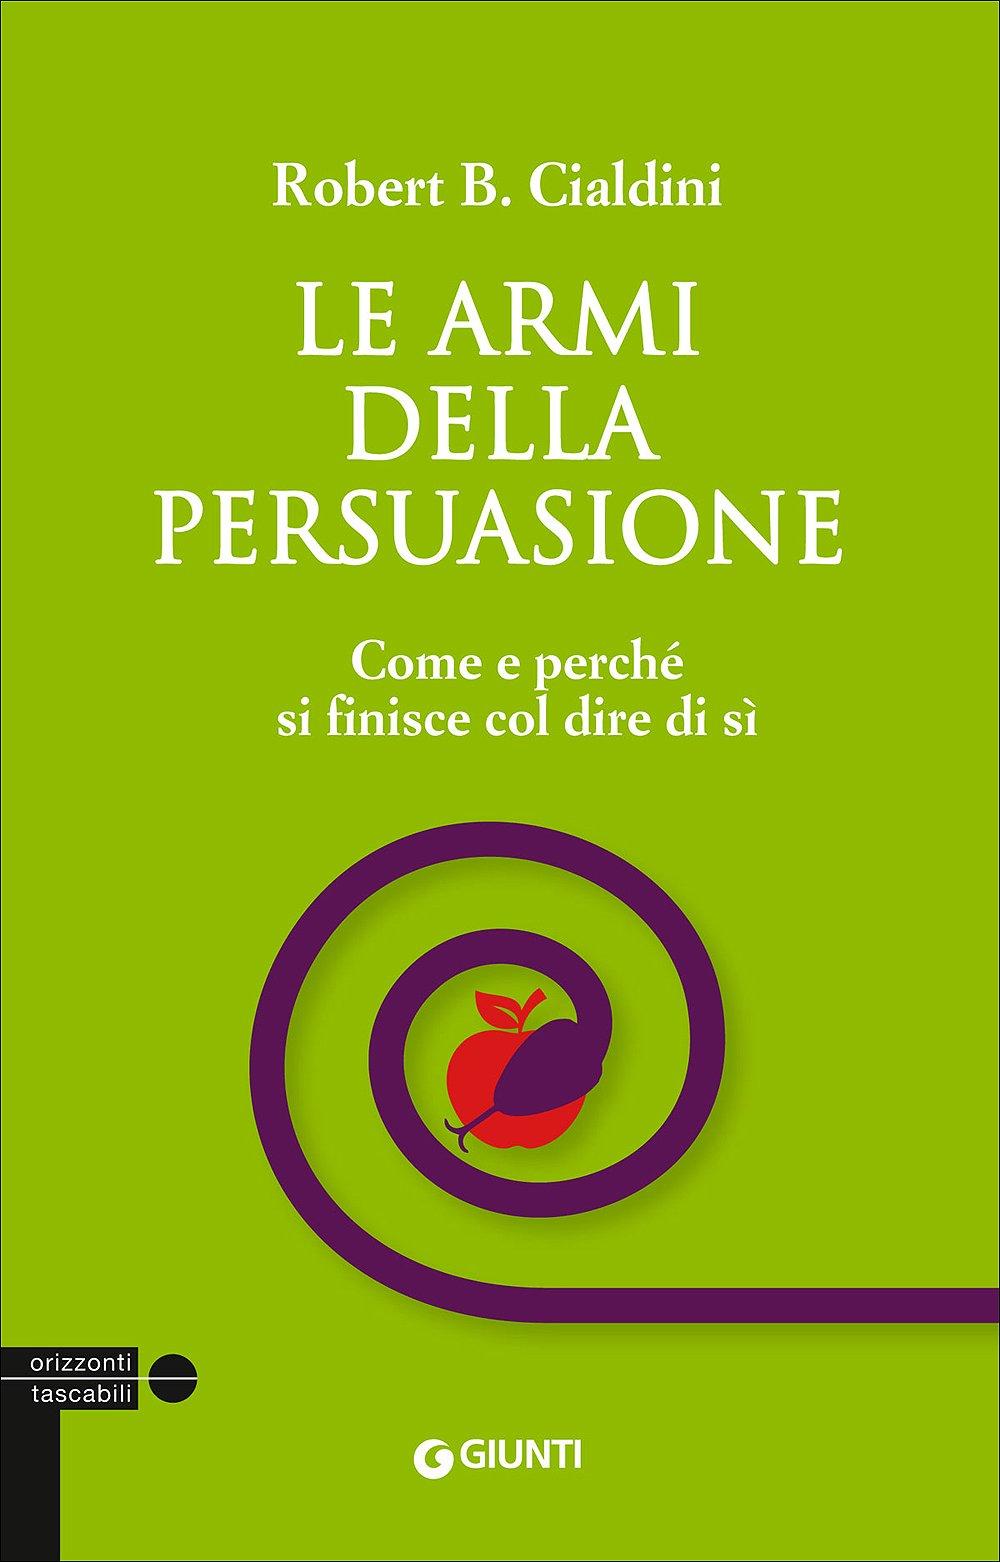 Le armi della persuasione. Come e perché si finisce col dire di sì Copertina flessibile – 1 giu 2015 Robert B. Cialdini G. Noferi Giunti Editore 8809808606